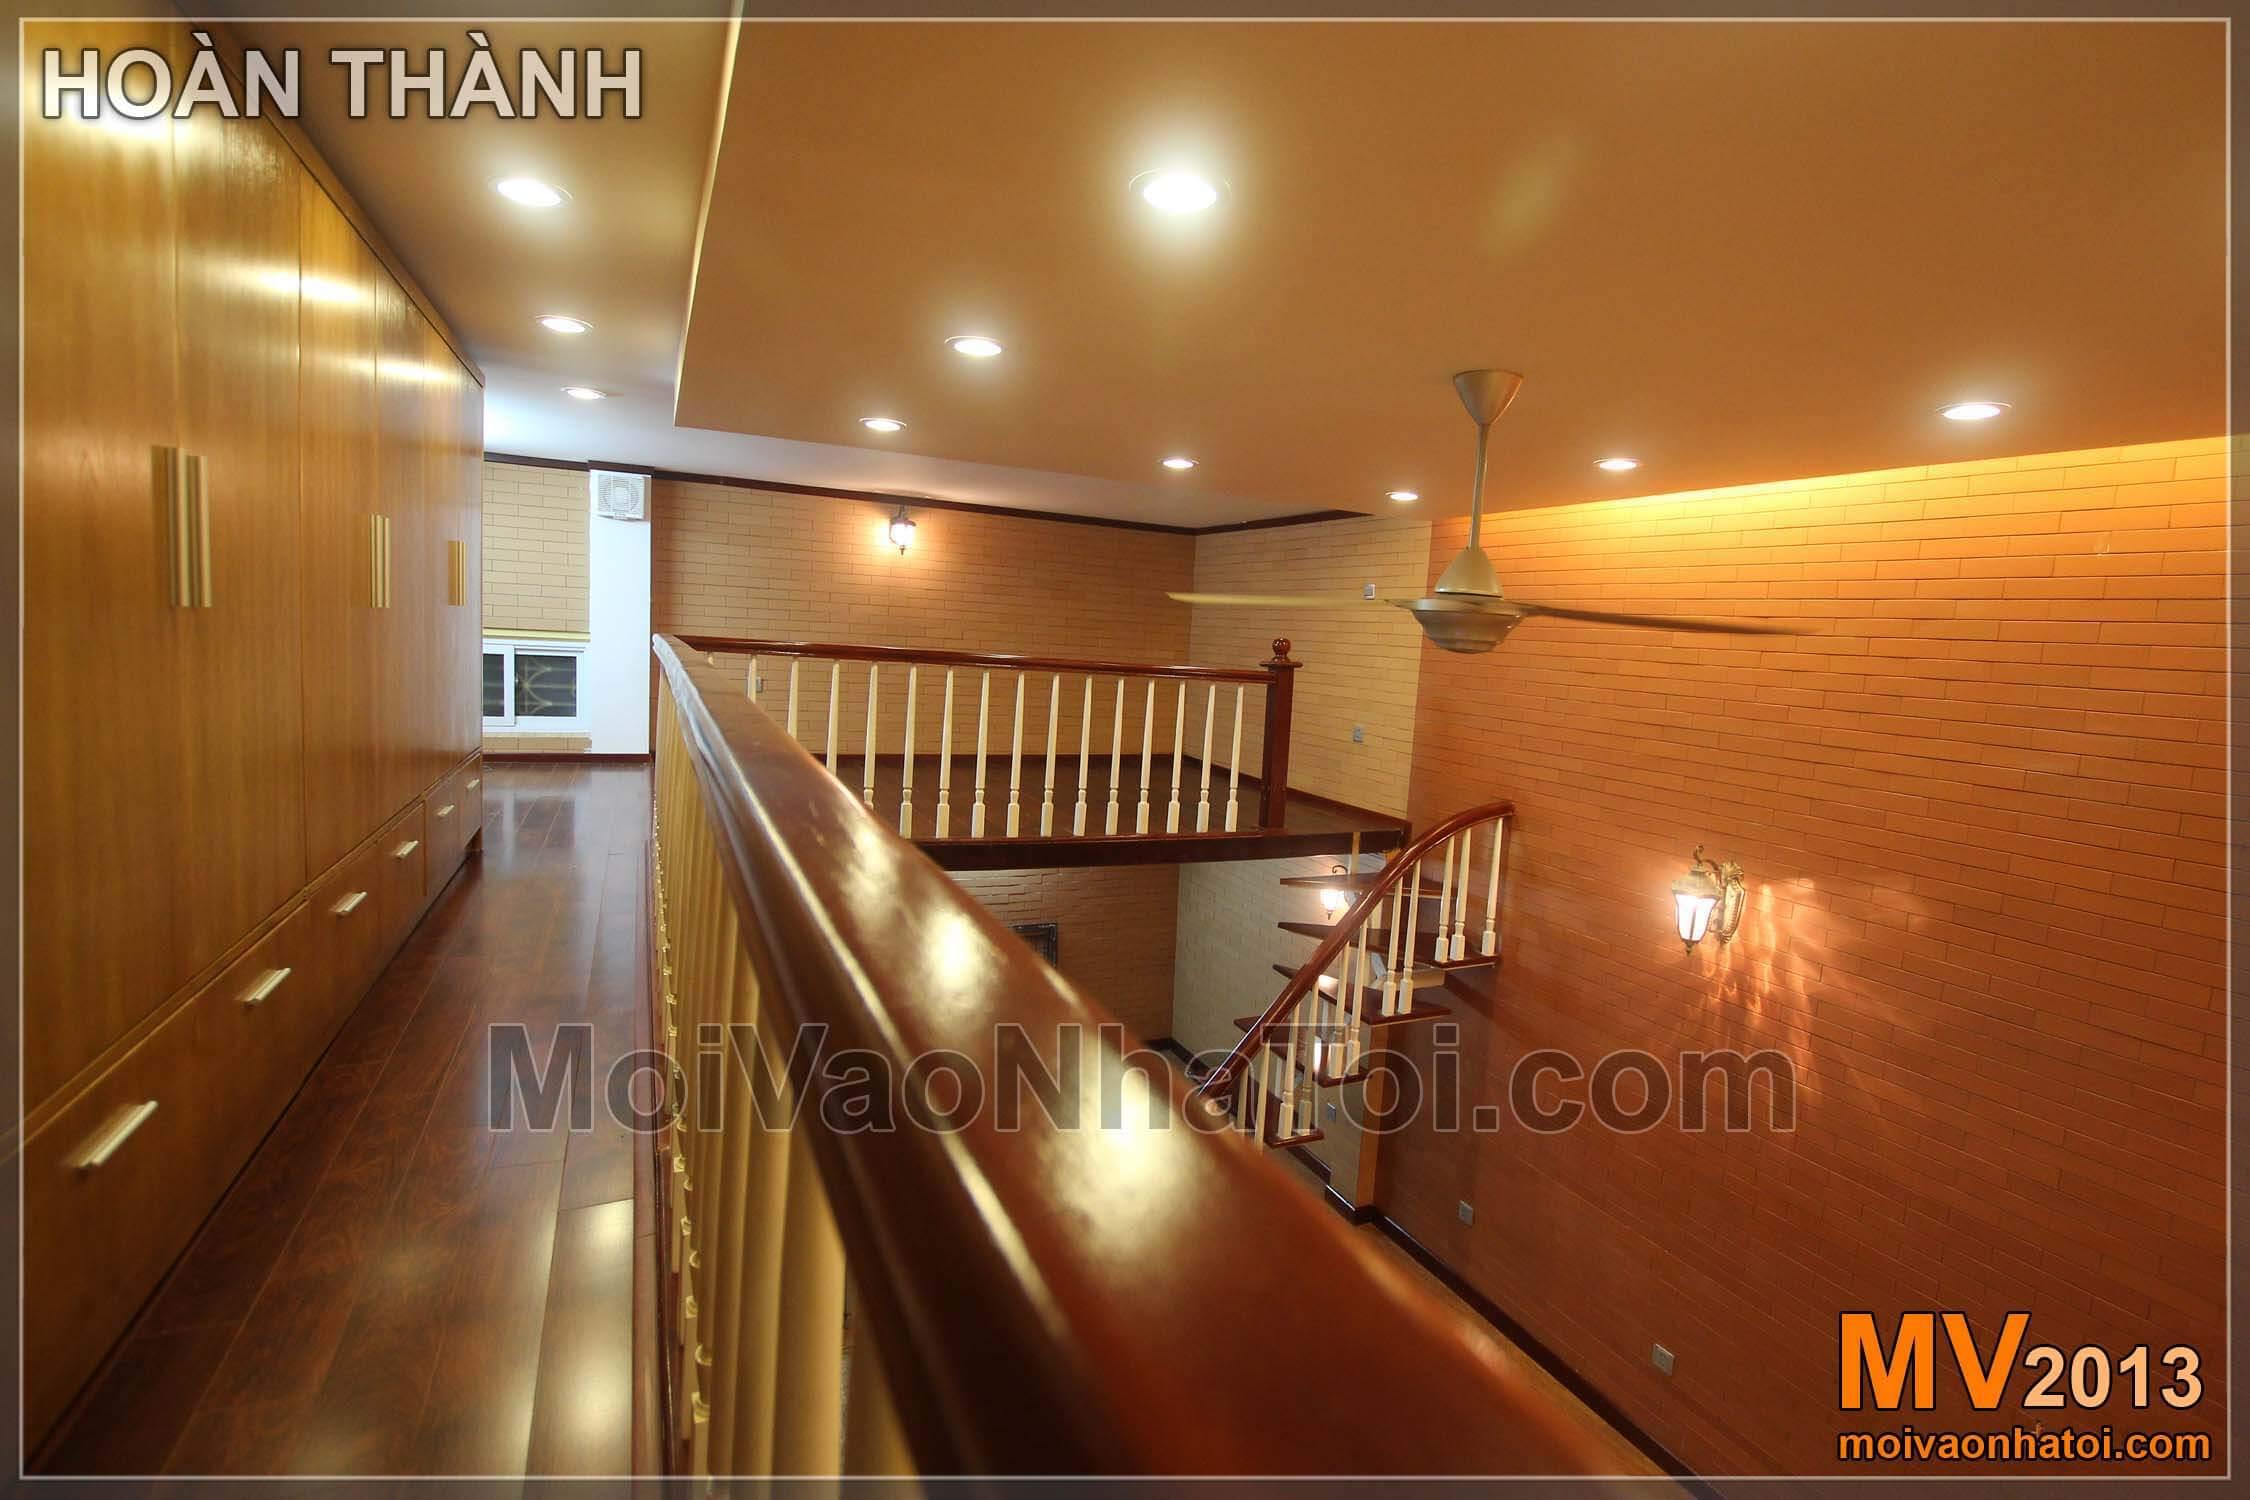 Thiết kế phòng khách có gác xép 26m2 phố cổ Hàng Đào